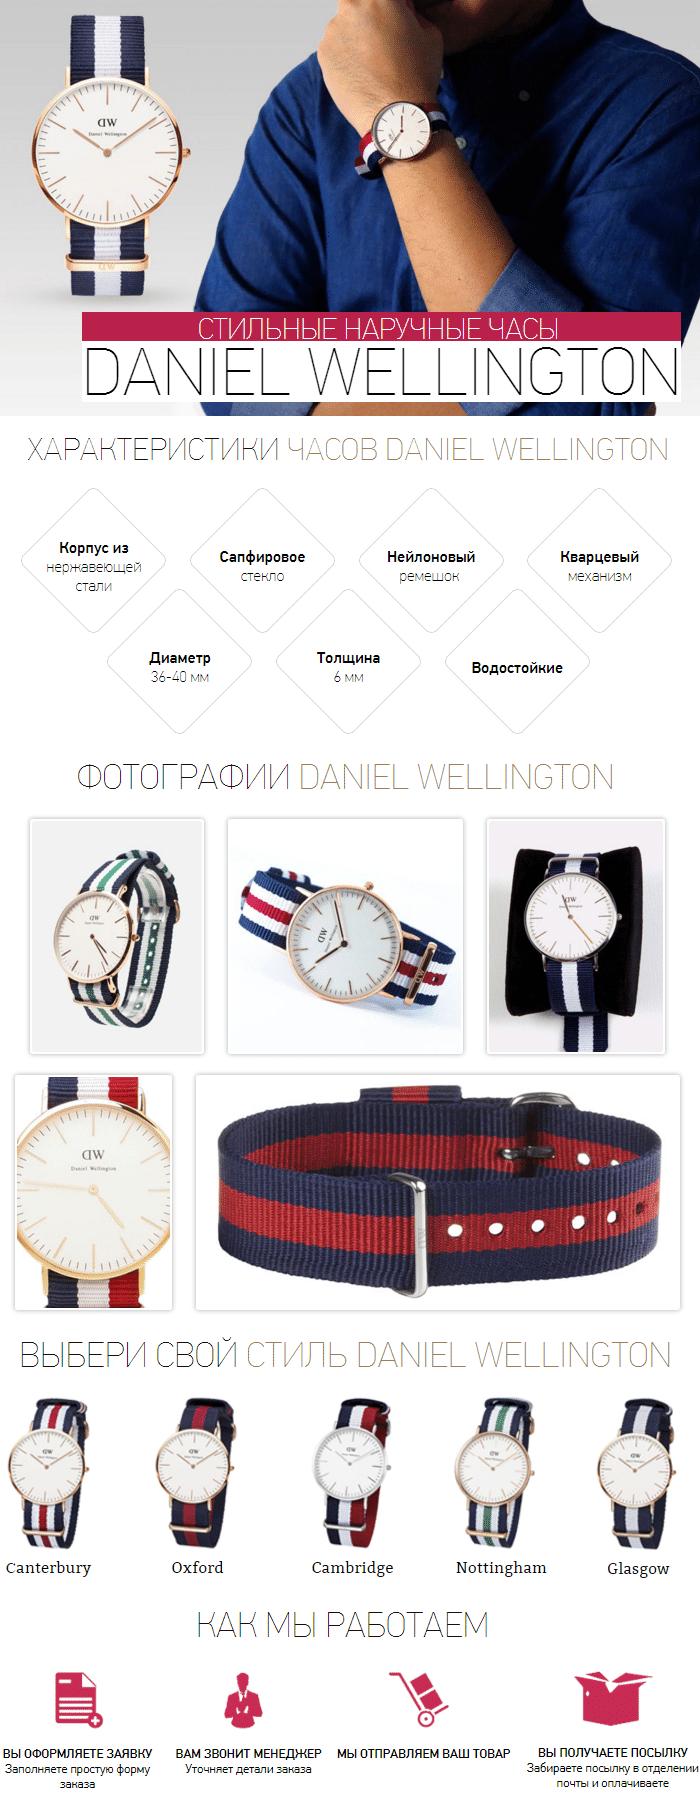 Часы Daniel Wellington (реплика) - фото купить часы Daniel Wellington